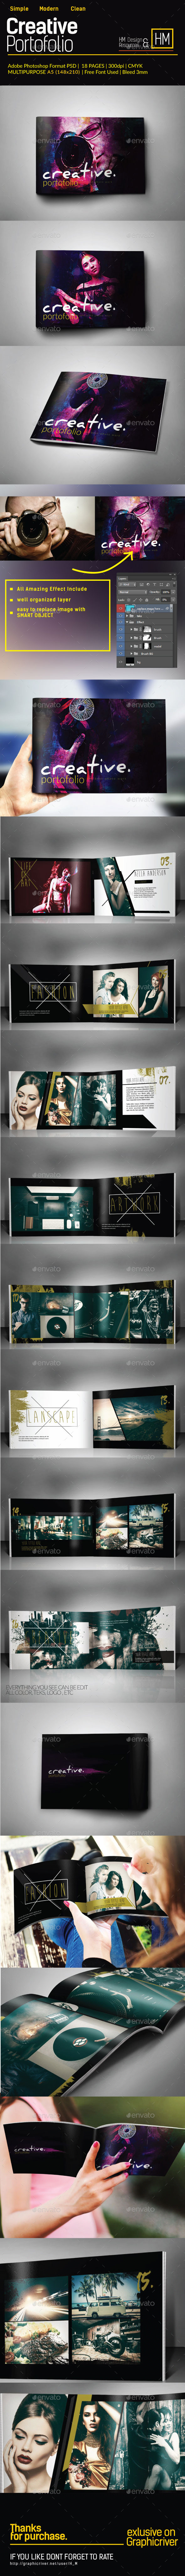 Multipurpose Portolio Creative template - Portfolio Brochures